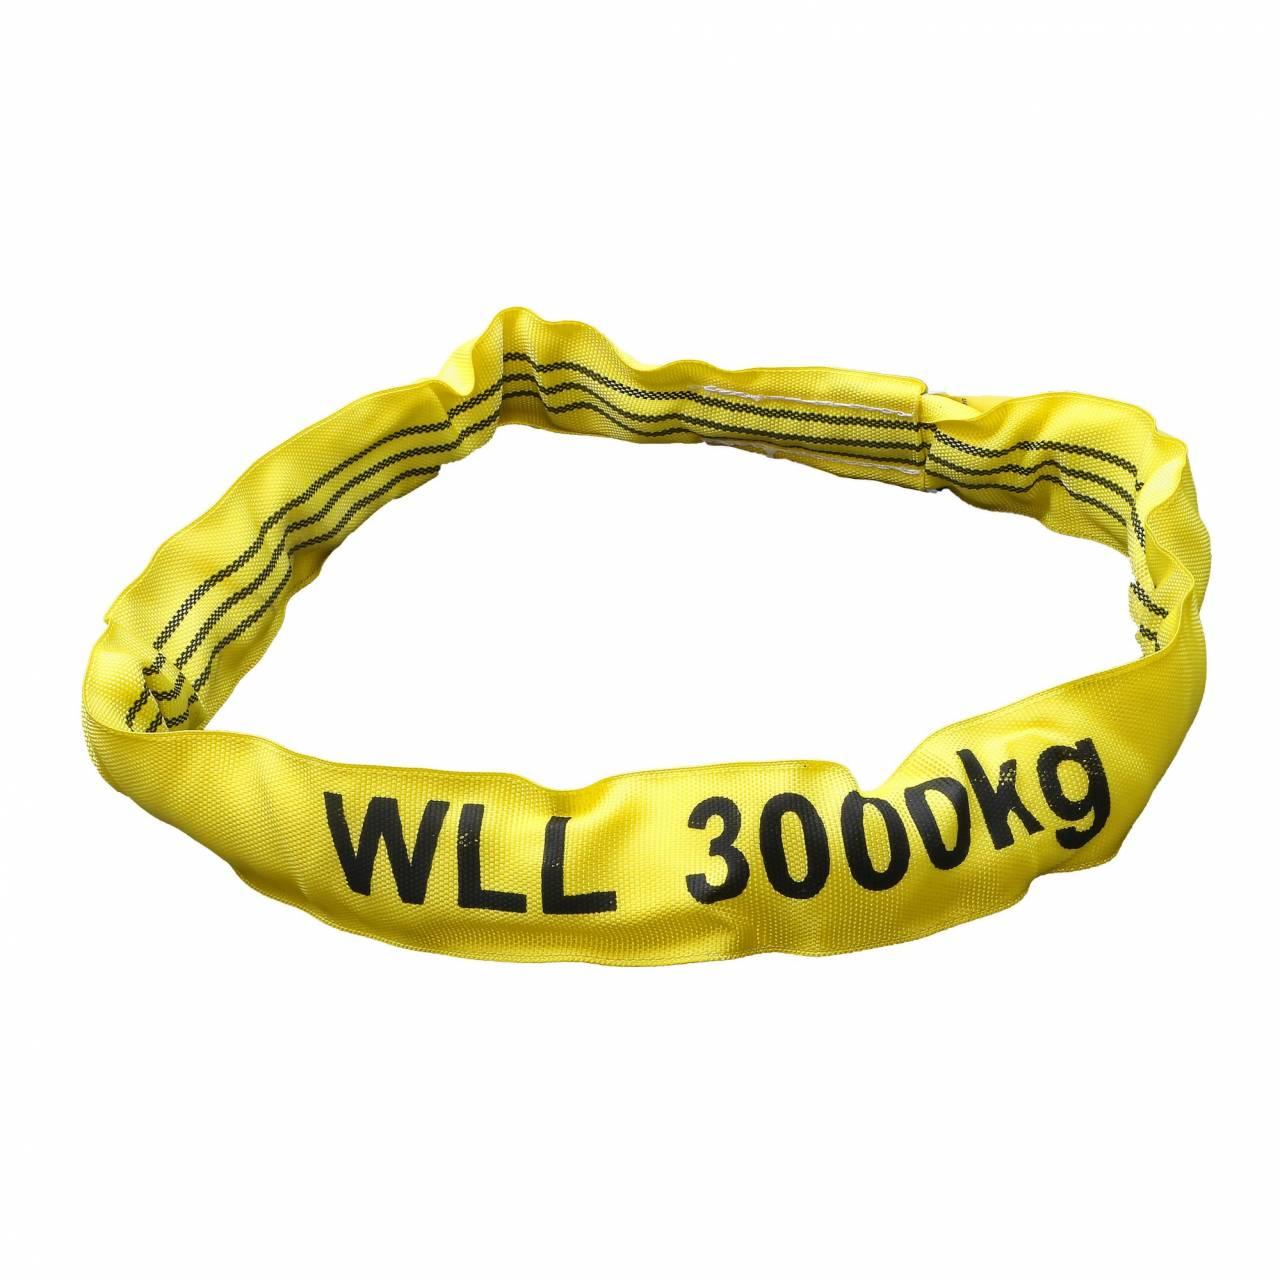 Rundschlinge gelb, Tragkraft 3000 kg, 1,0 m